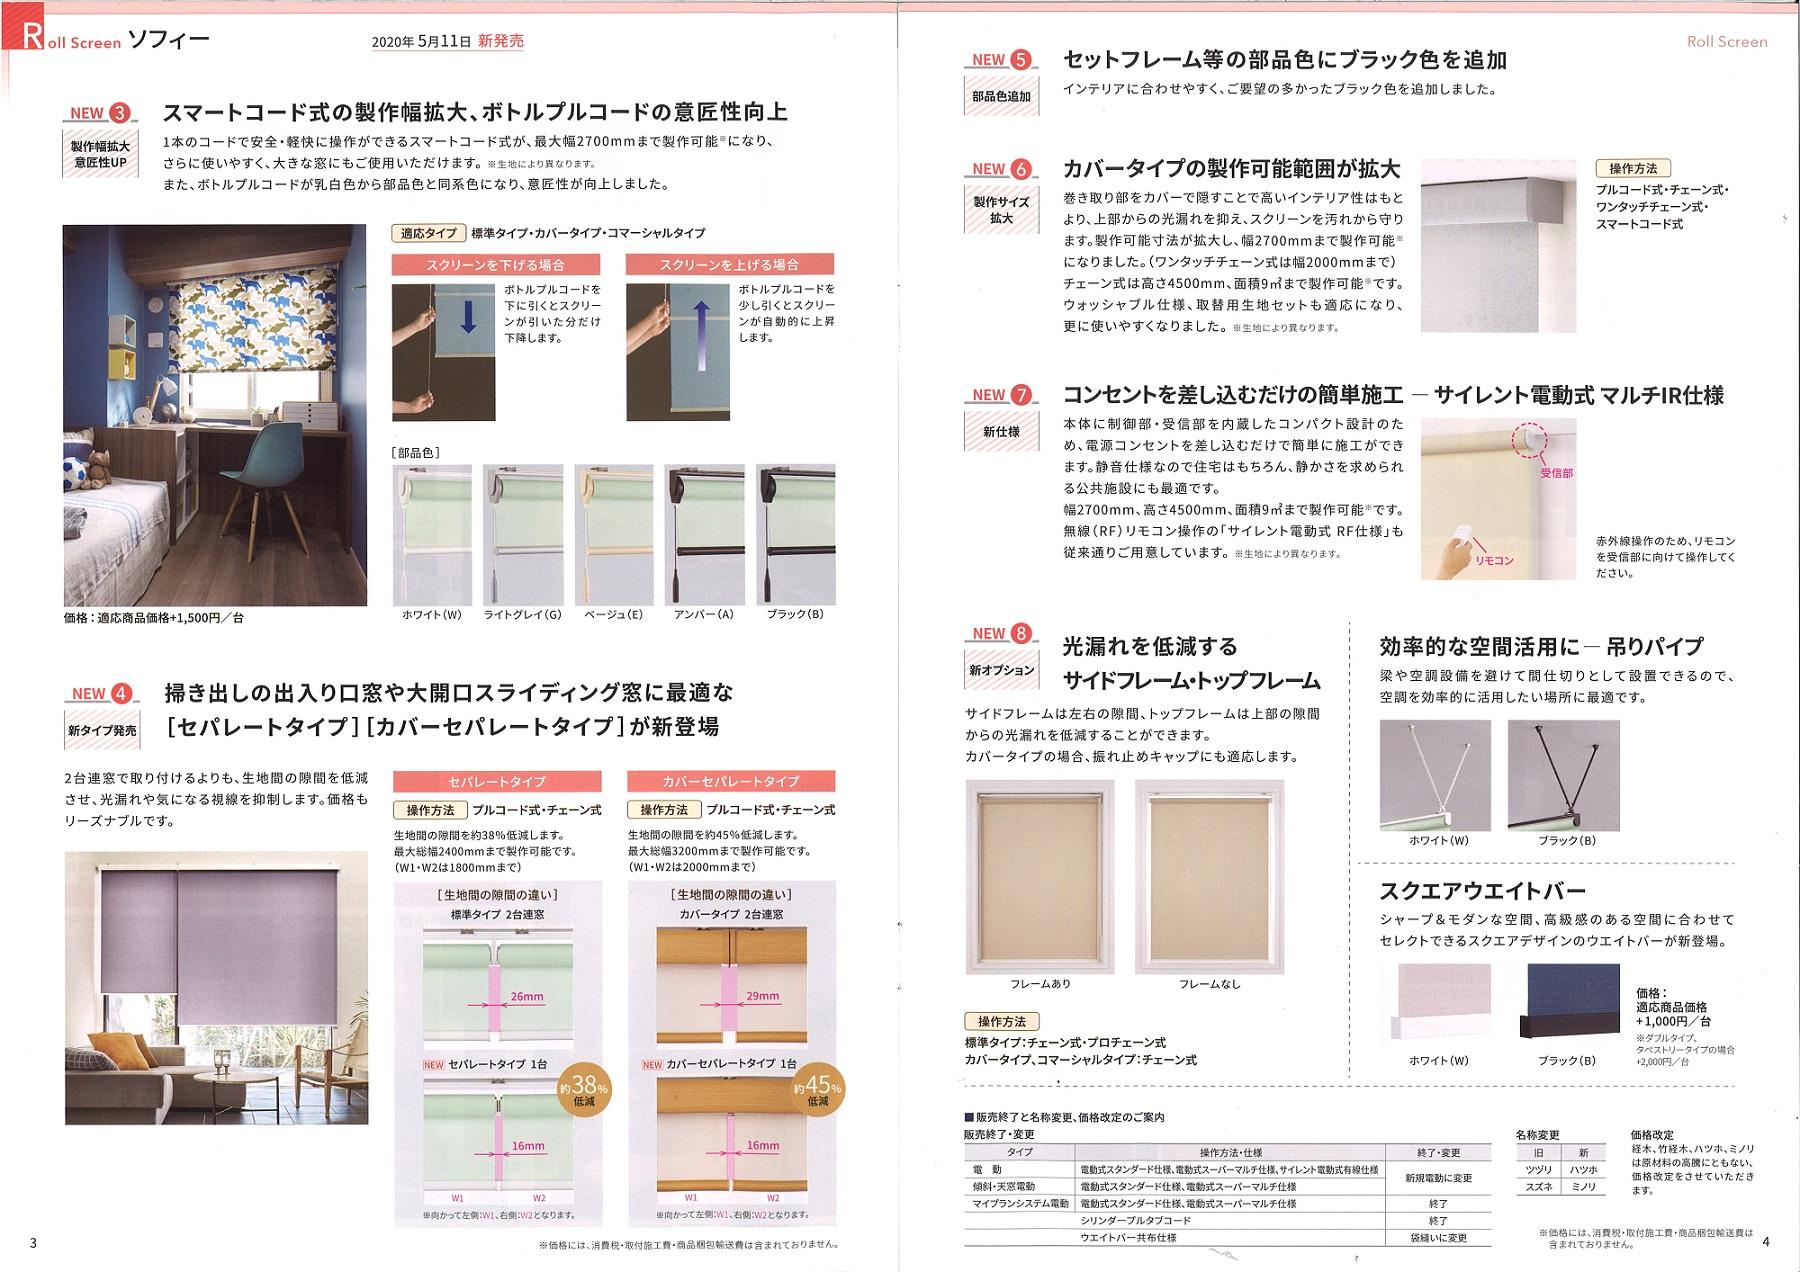 ニチベイ20-06-15新商品 (3).jpg